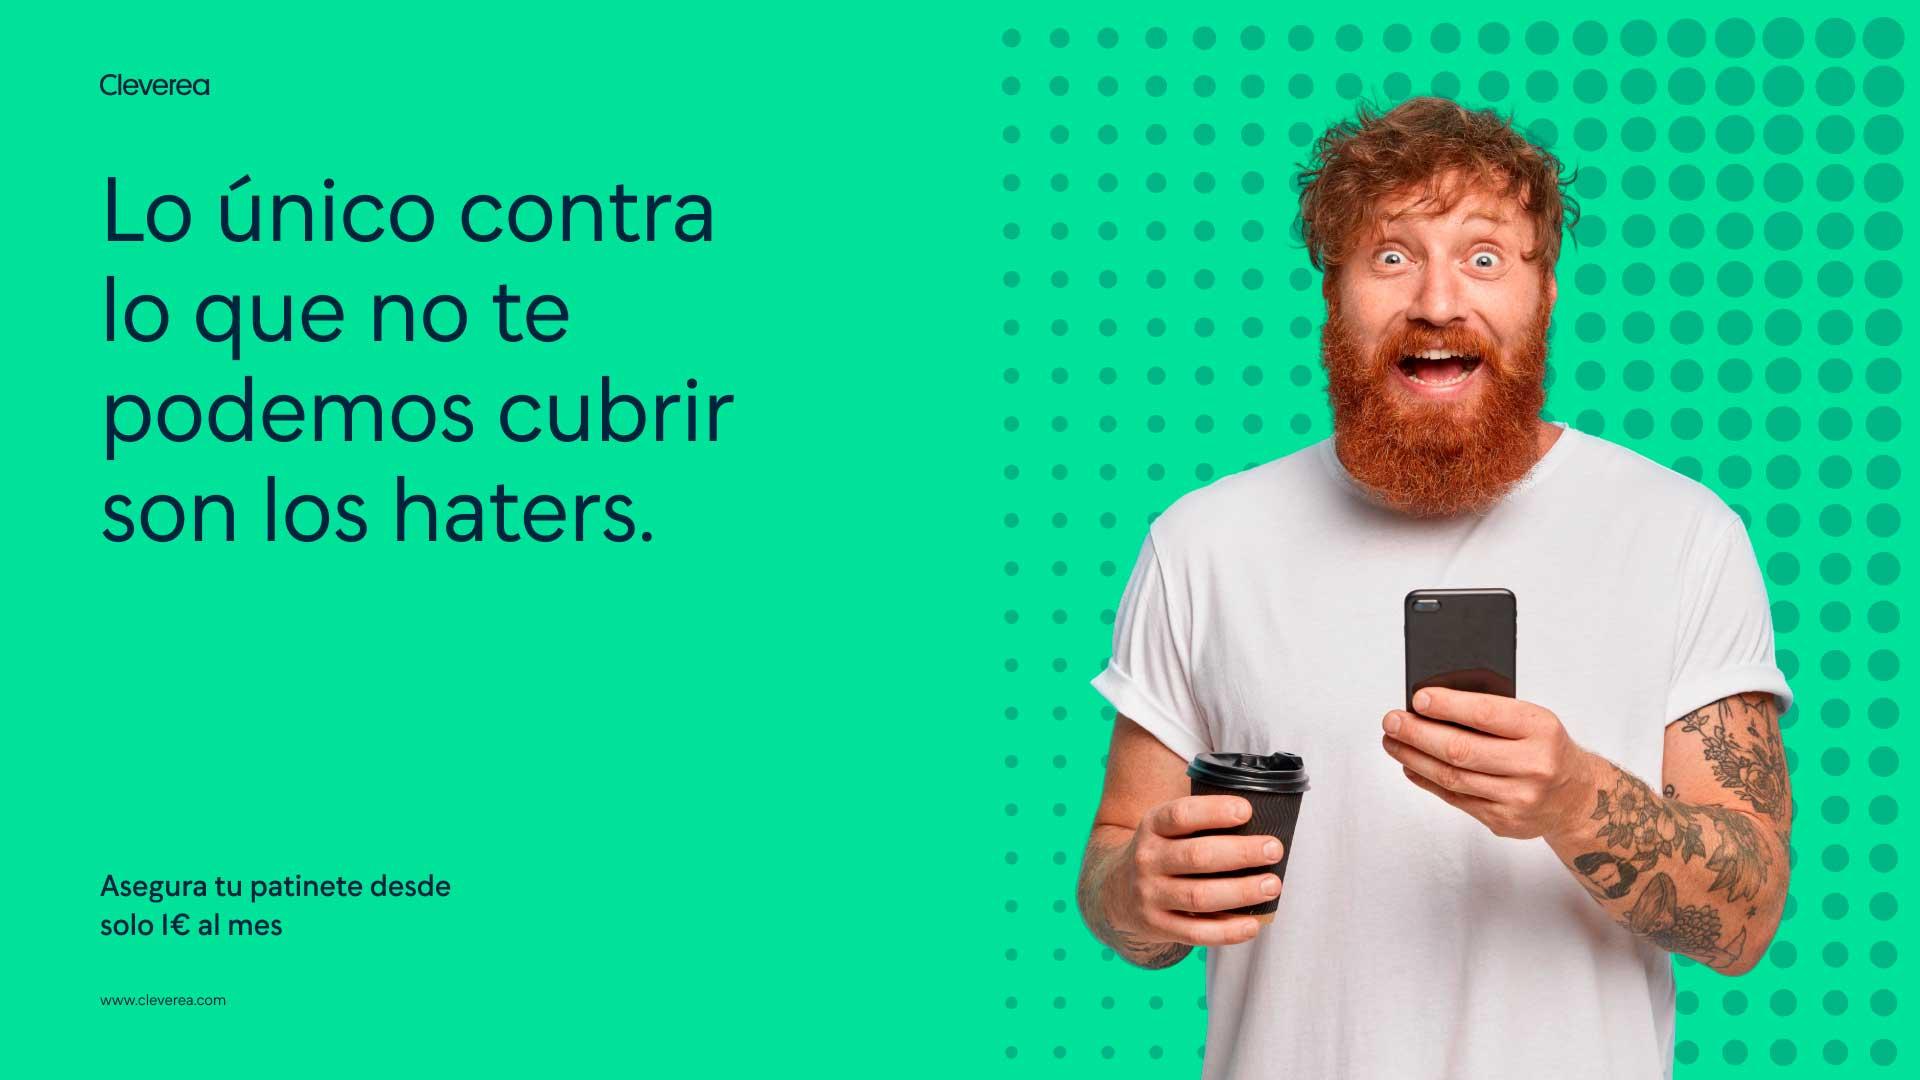 Hablamos con la insurtech Cleverea en App Marketing News